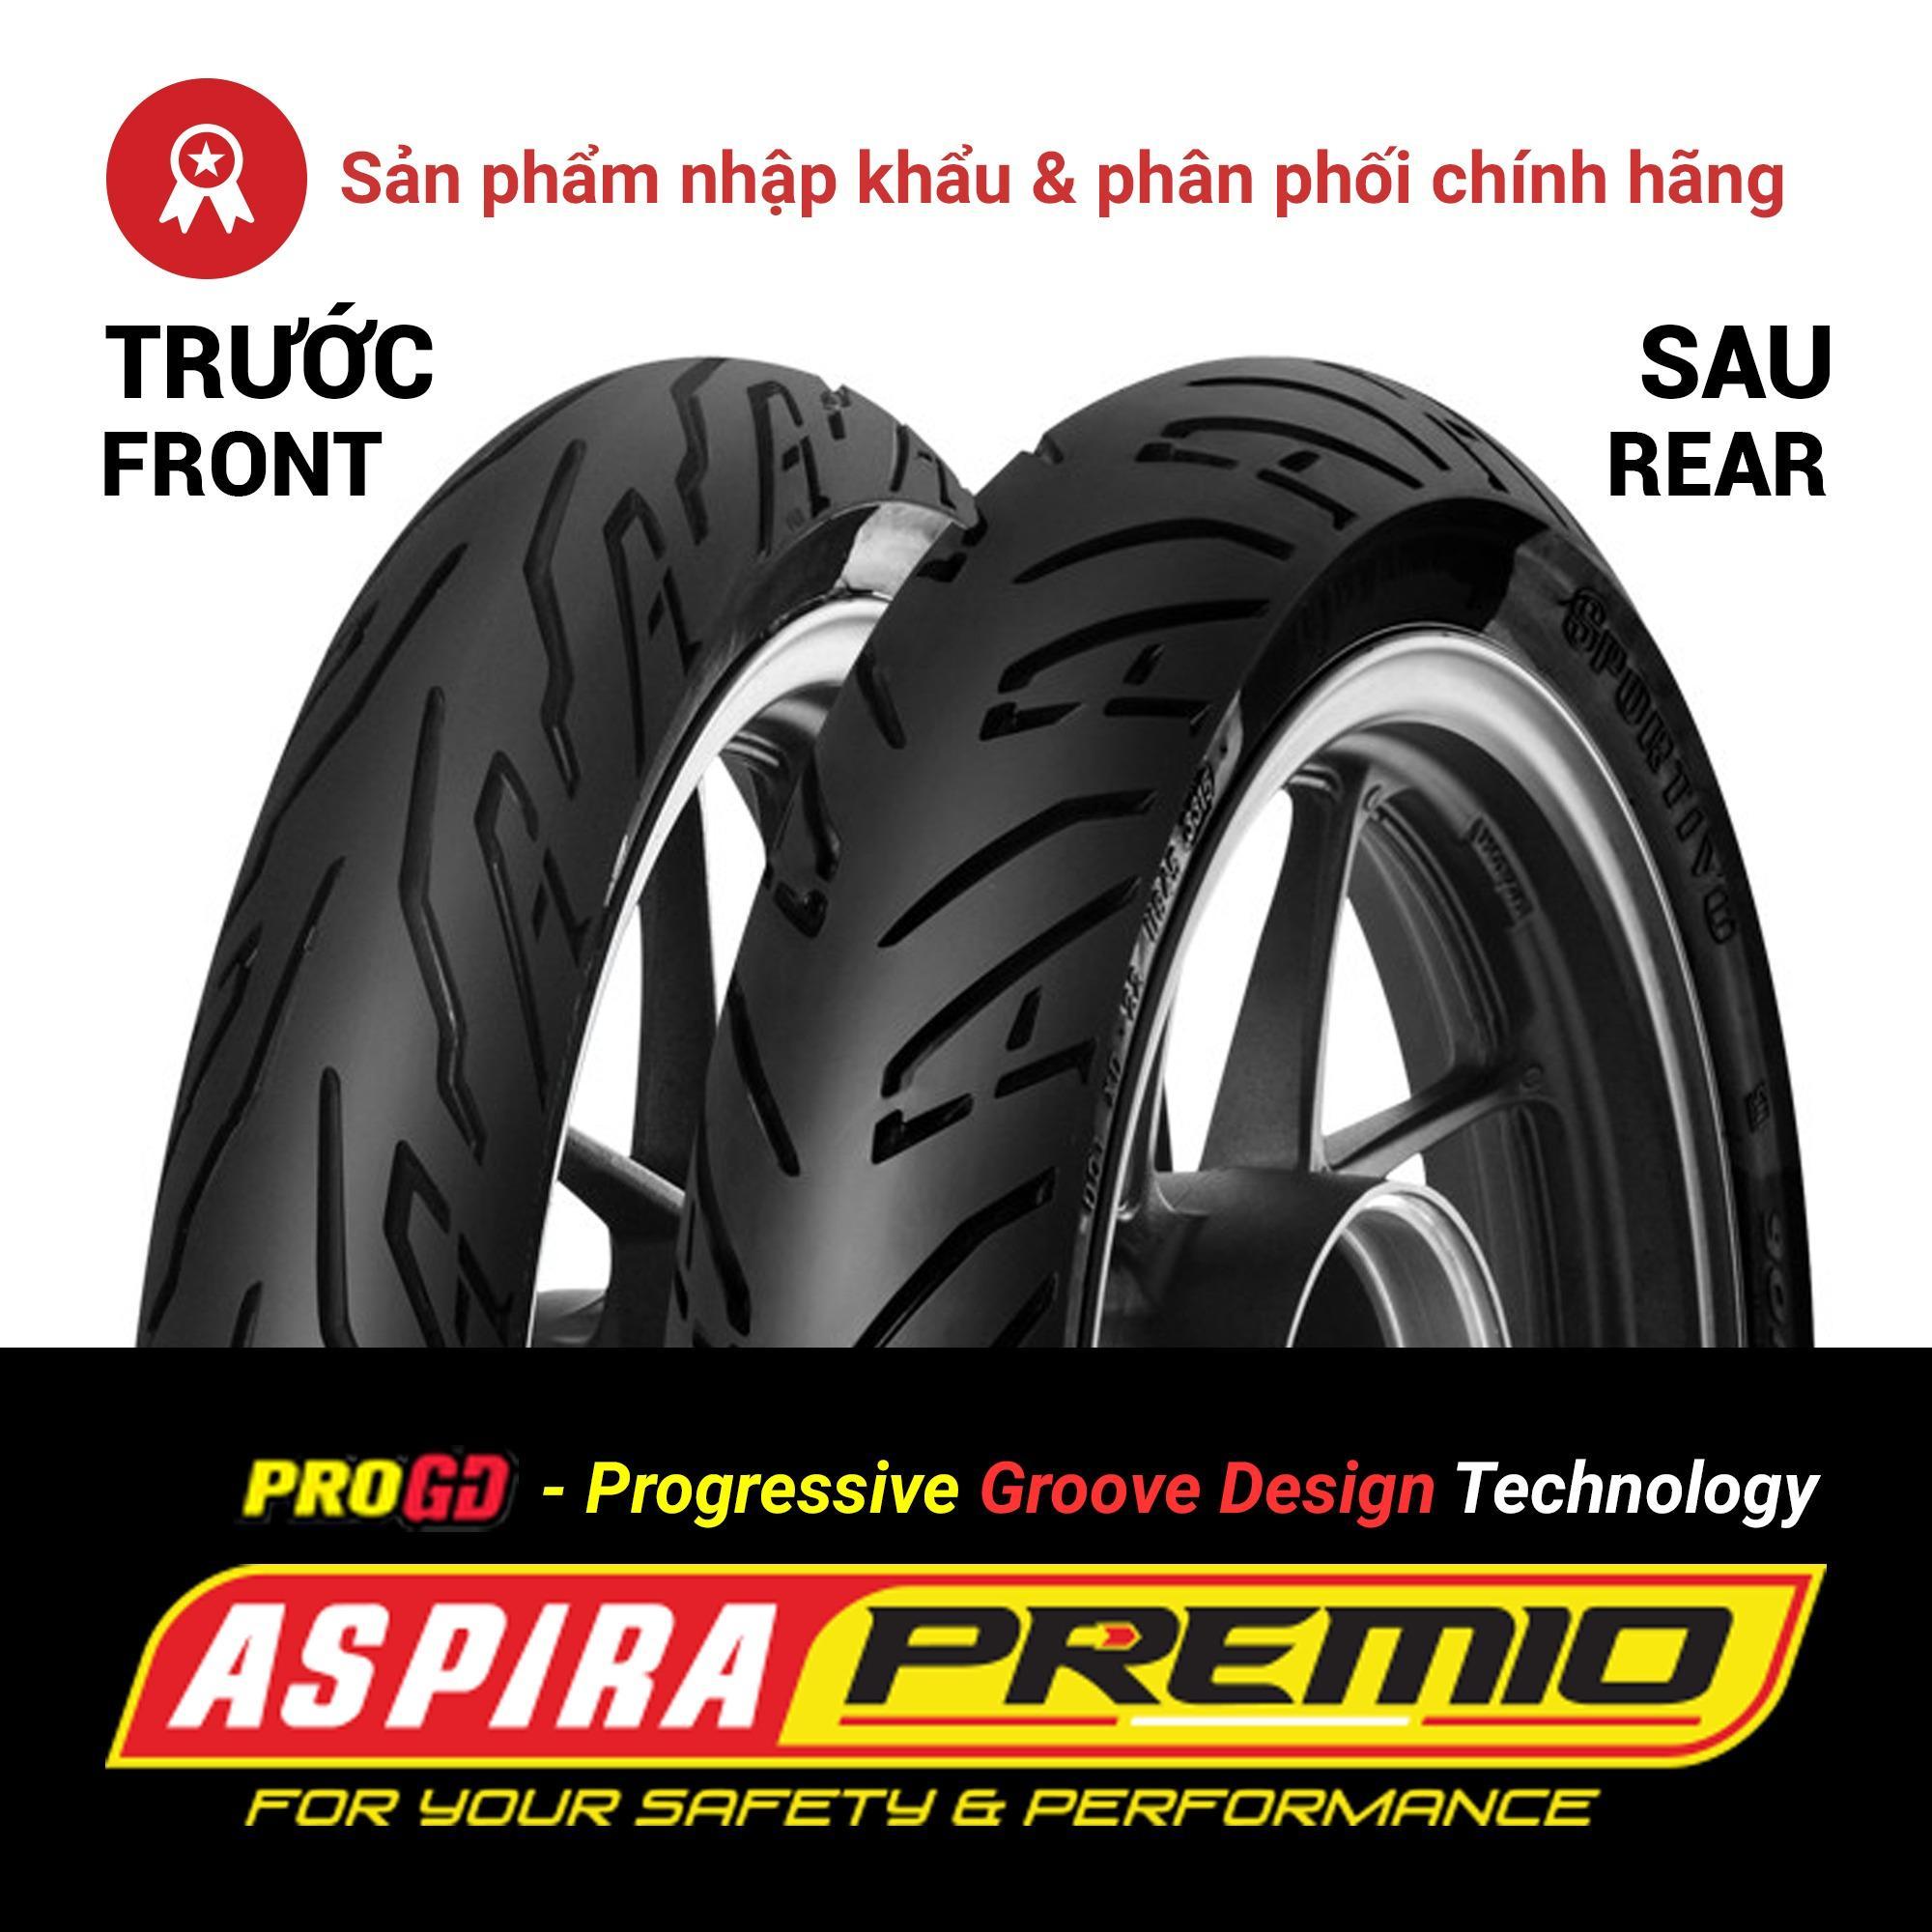 Thay cặp lốp (vỏ) trước 70/90-17 TL + sau 80/90-17 TL Aspira Premio Sportivo chính hãng cho các dòng xe máy Honda Wave RS/RSX, Future, Blade, Yamaha Sirius, Jupiter, Exciter 125 - Combo 02 lốp (vỏ)